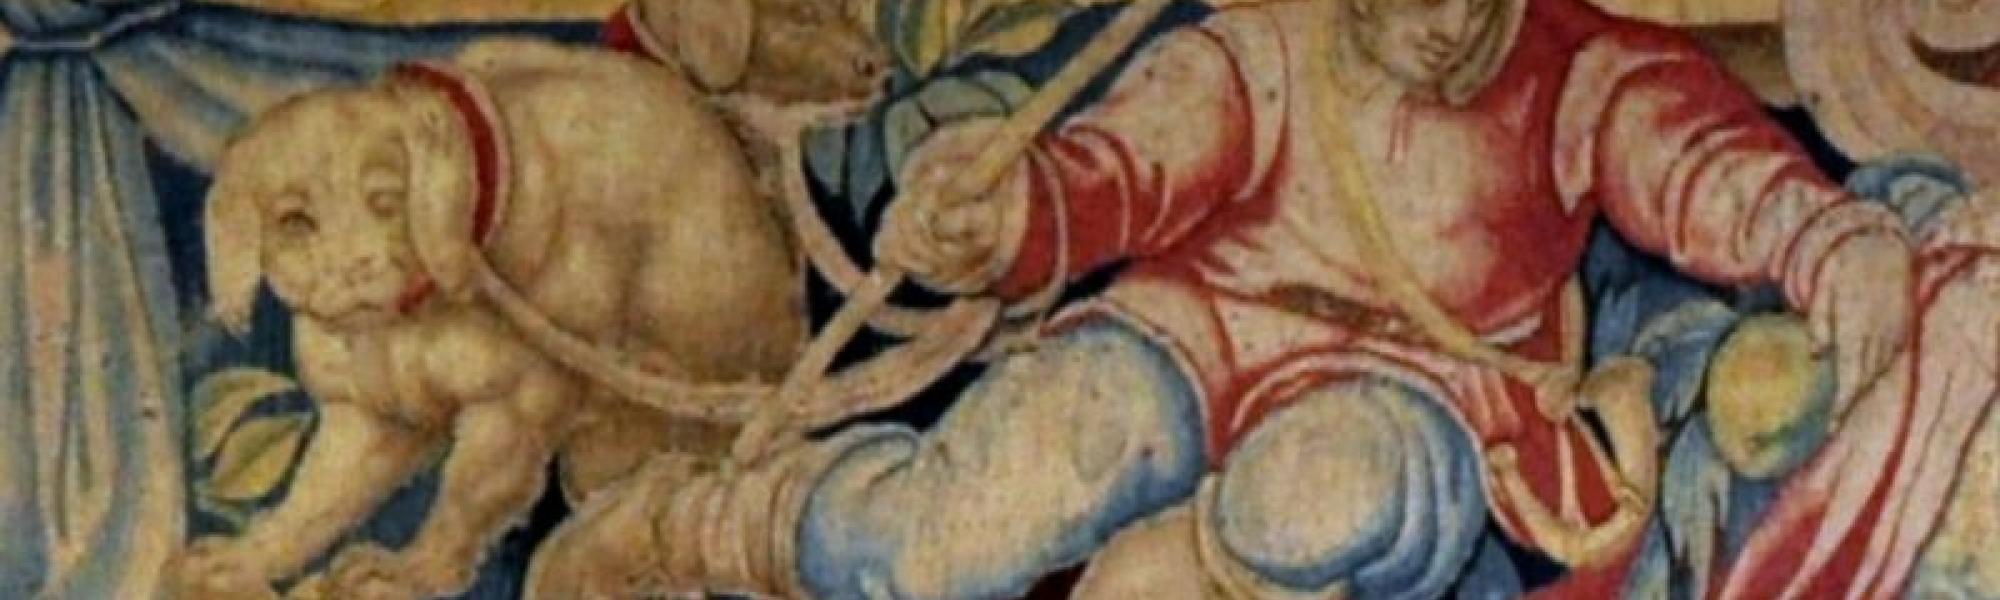 Particolare Arazzo, Museo nazionale di Palazzo Reale (Museo Nazionale di Palazzo Reale)